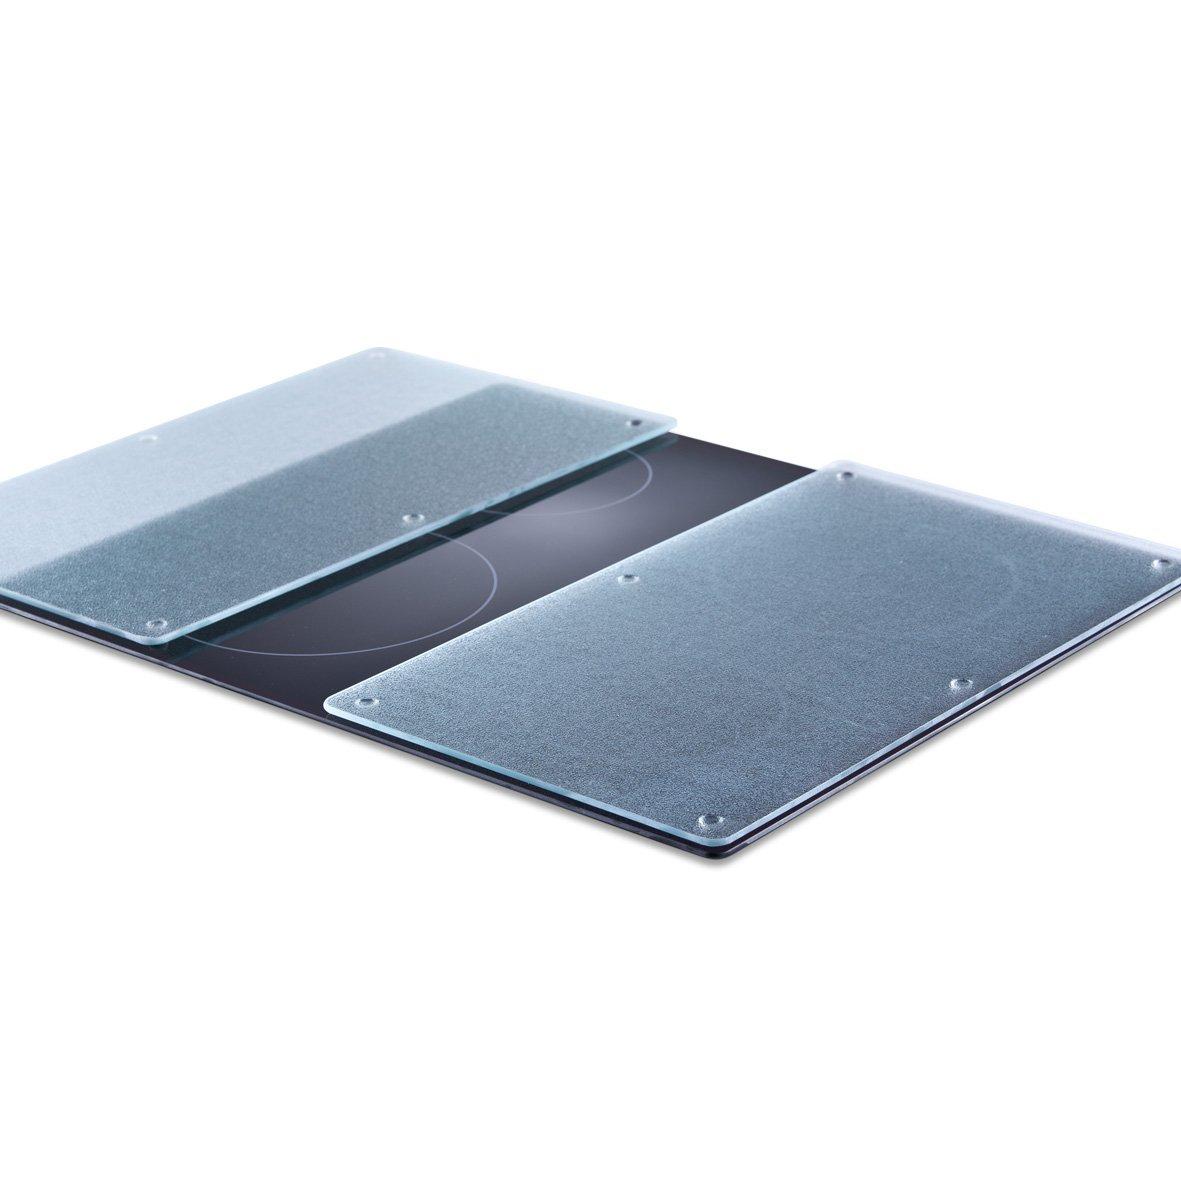 Zeller 26205 - Tabla para cortar de cristal, vídrio, 52 x 30 cm, 2 unidades